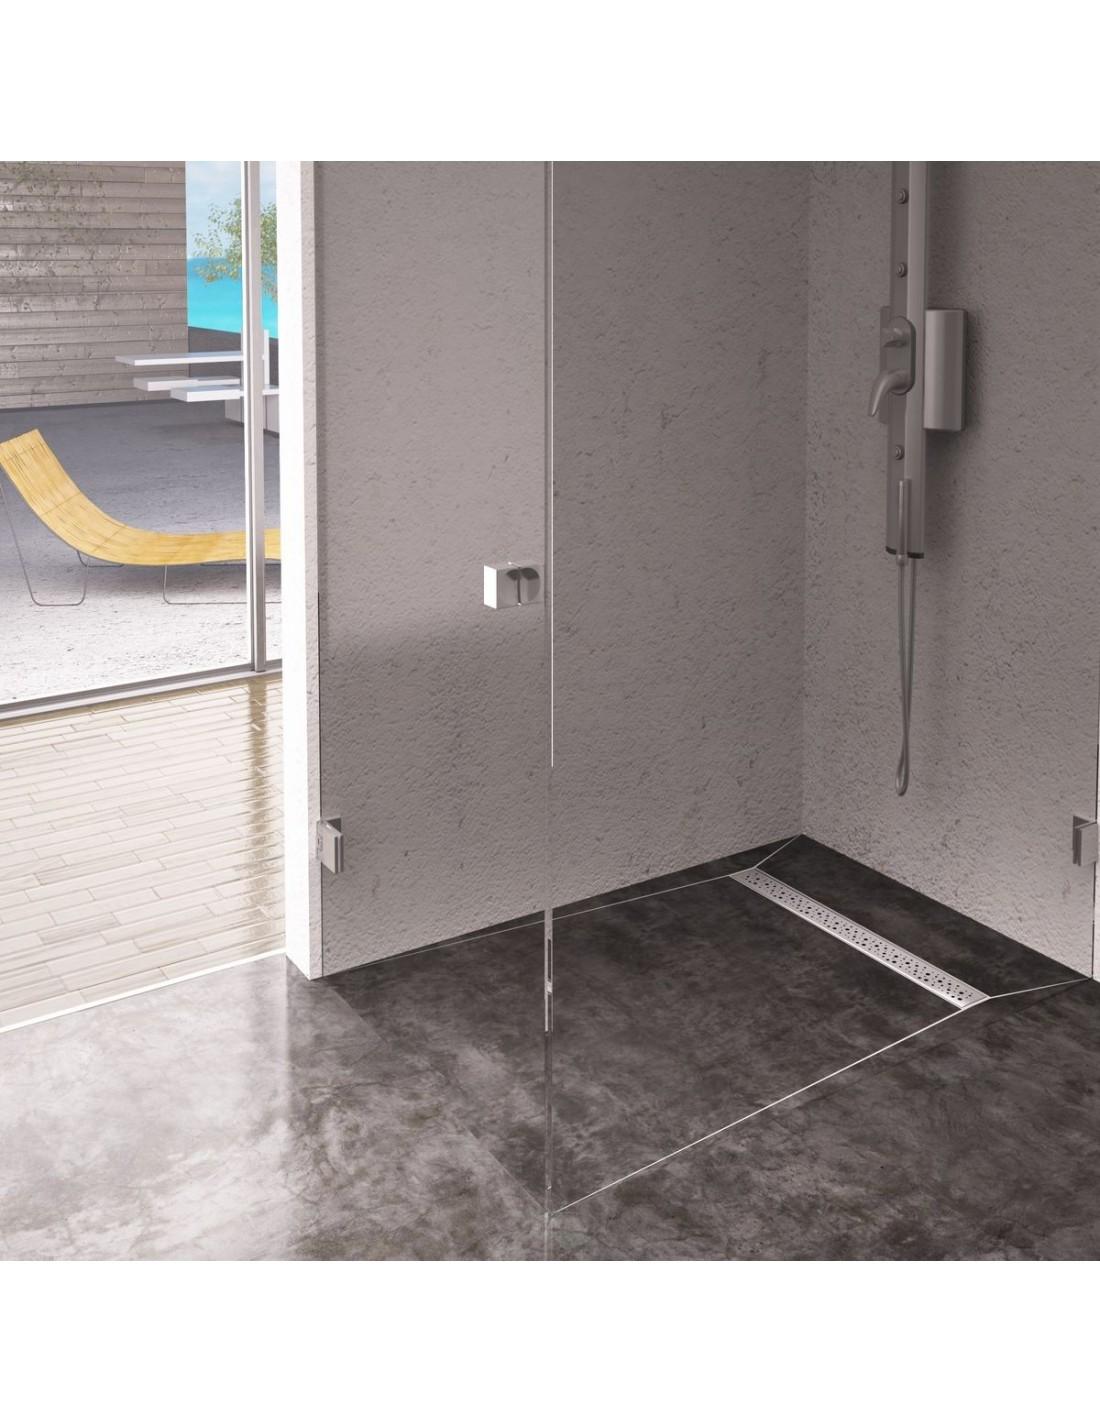 bodengleiche dusche platte wiper 900 x 900 mm linie mistral modernedusche. Black Bedroom Furniture Sets. Home Design Ideas